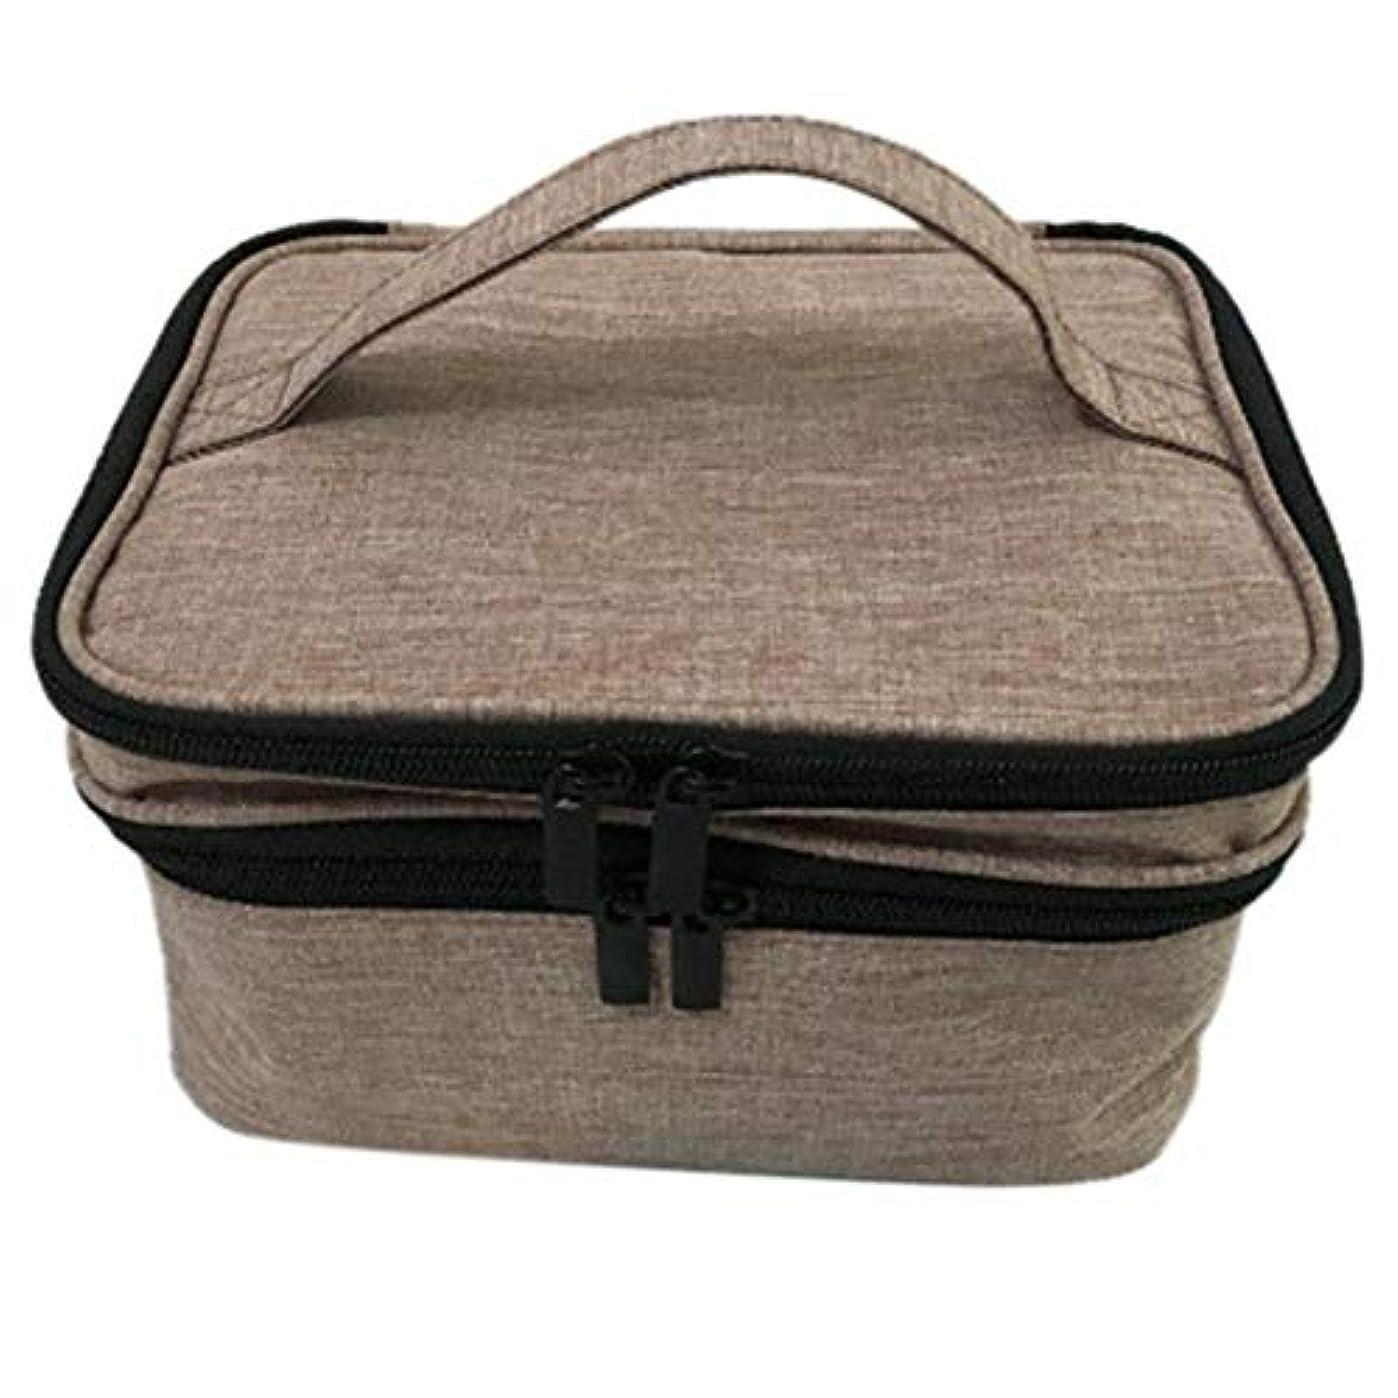 間接的変化戻る収納バッグ 30格 仕切り エッセンシャルオイル 精油 保管袋 収納ボックス 収納ケース 精油ケース 香水収納バッグ 不織布 携帯便利 耐震 30本用 (5ml~30ml)